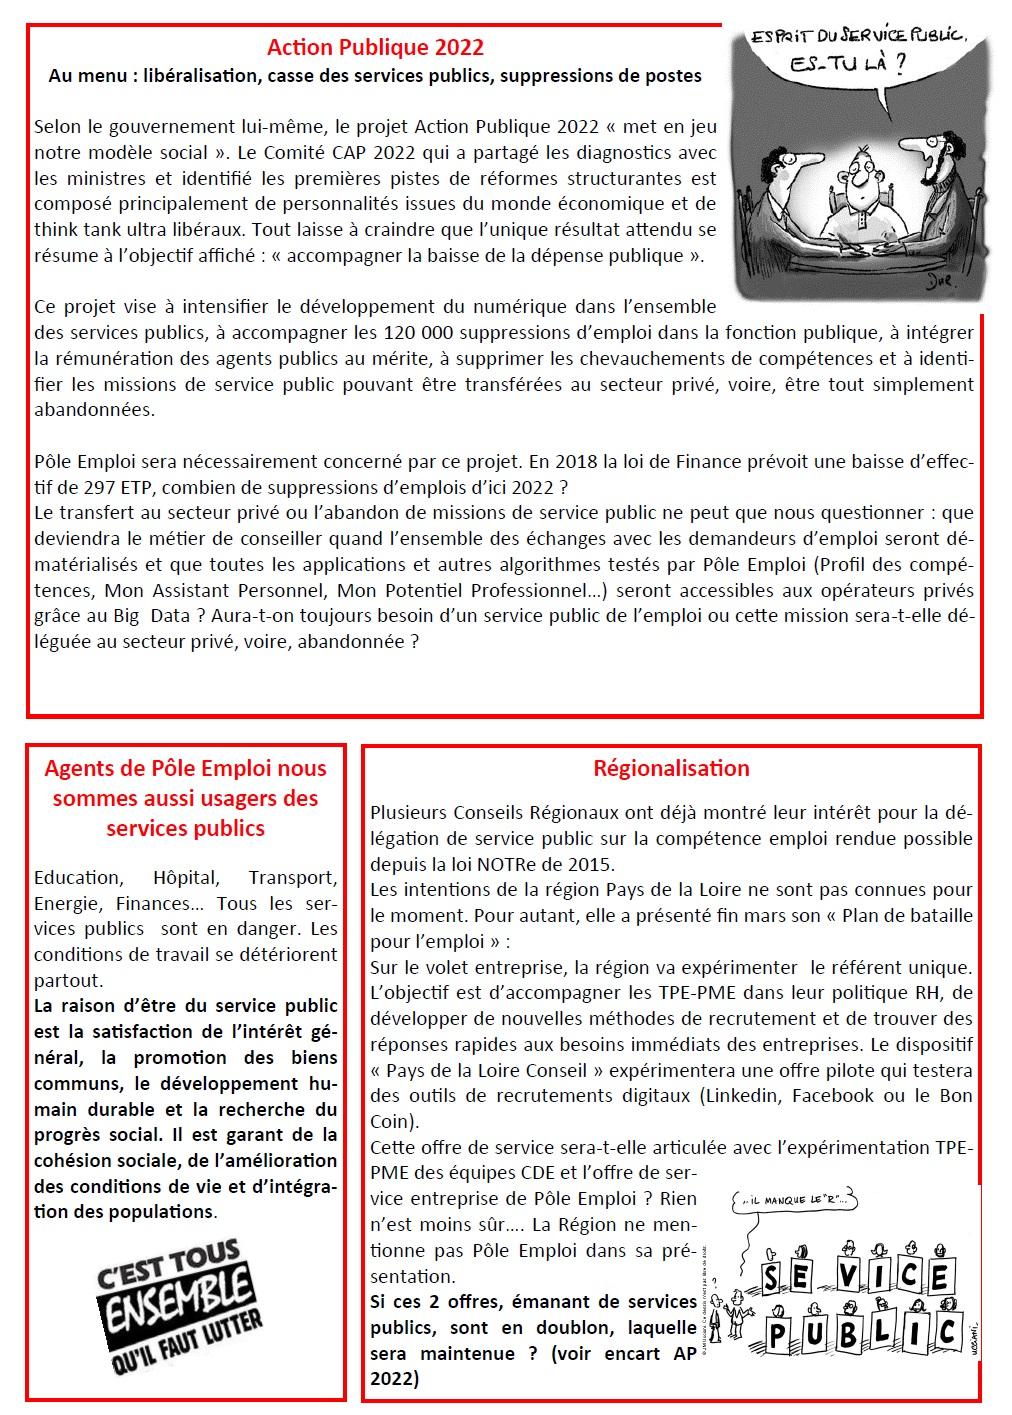 Pole Emploi A L Avant Garde De La Casse Des Services Publics Cgt